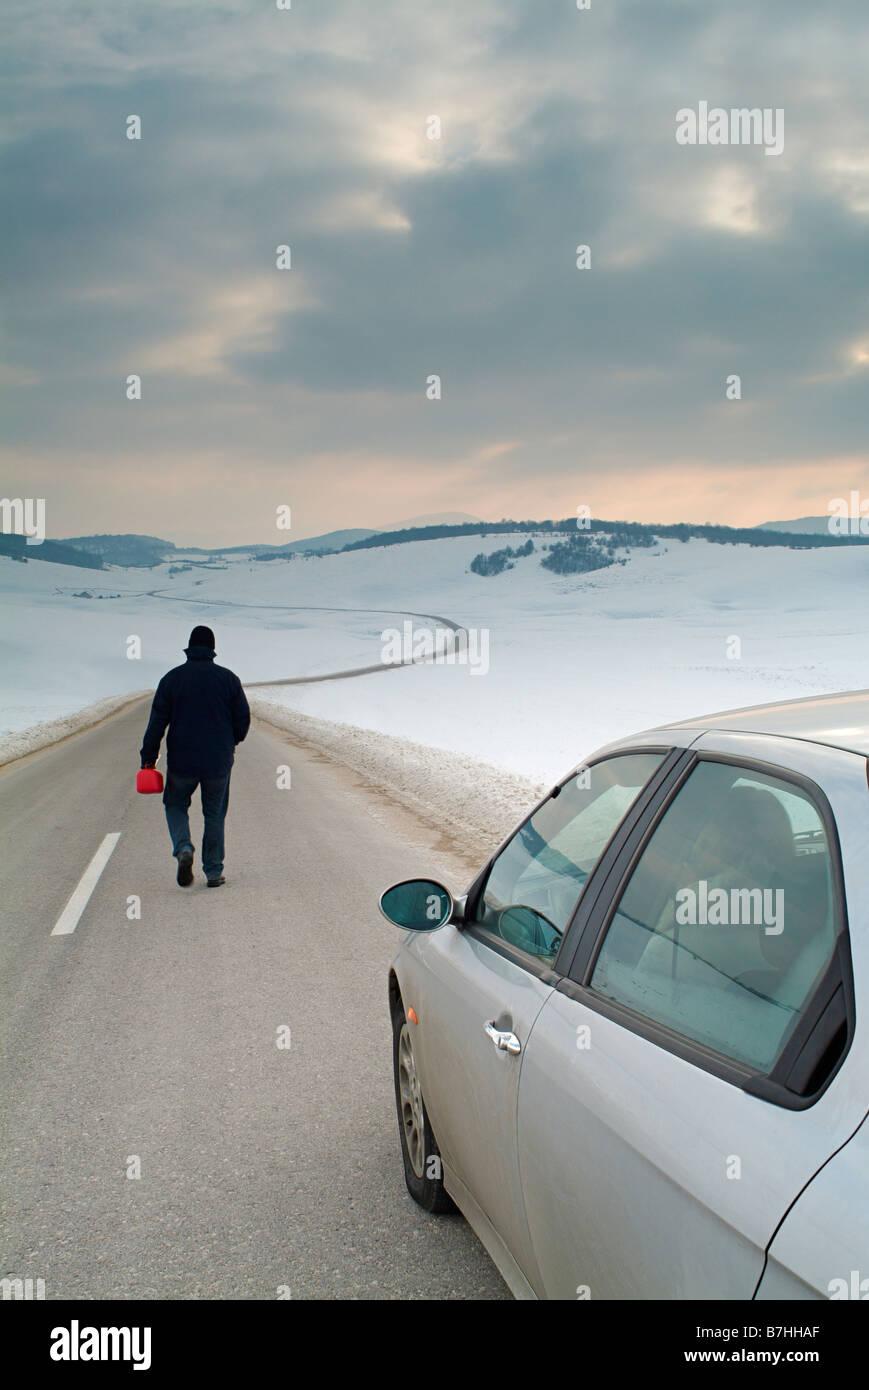 El hombre empieza la larga caminata a lo largo de un país aislado carretera en invierno para encontrar combustible Imagen De Stock